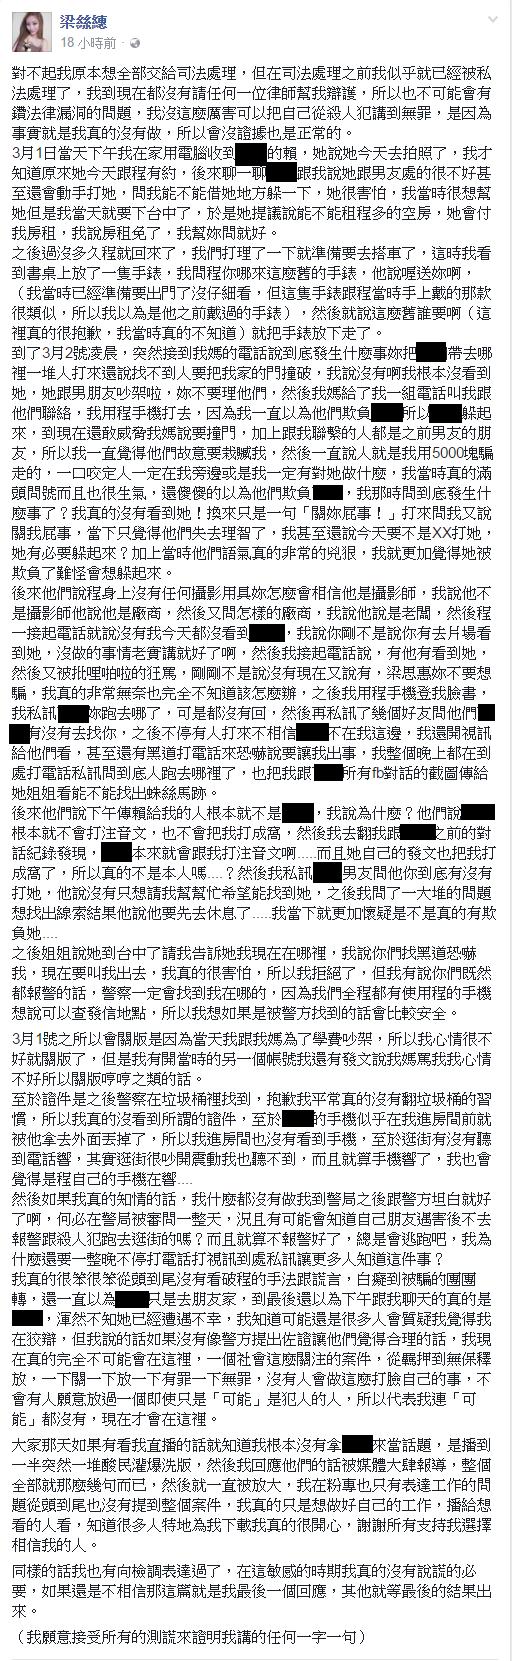 梁思惠在臉書發文解釋遭質疑的問題。圖/翻攝自梁思惠臉書